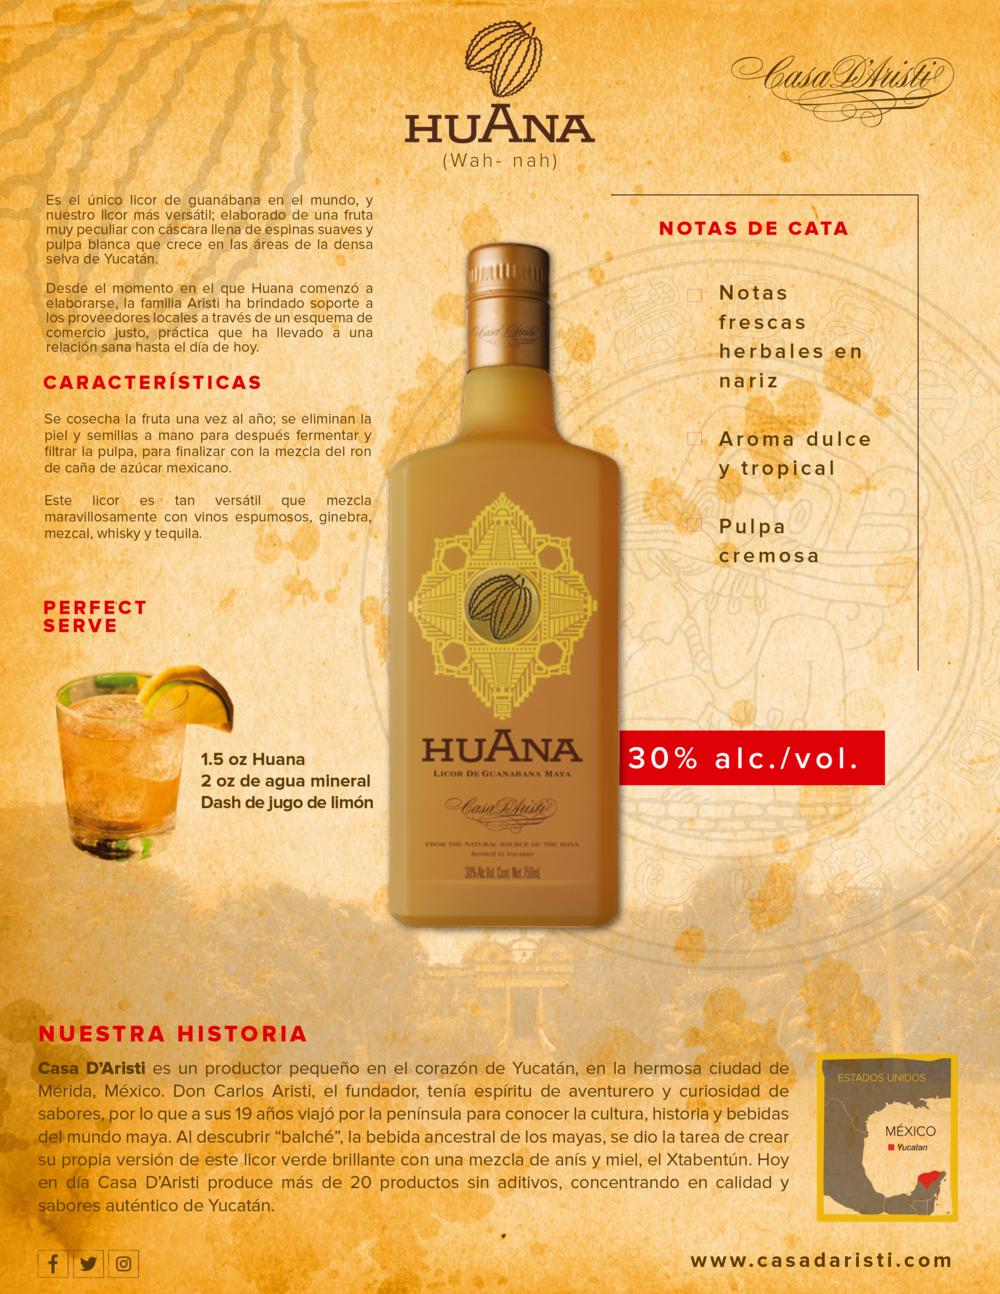 Huana Casa D'Aristi Guanabana licor